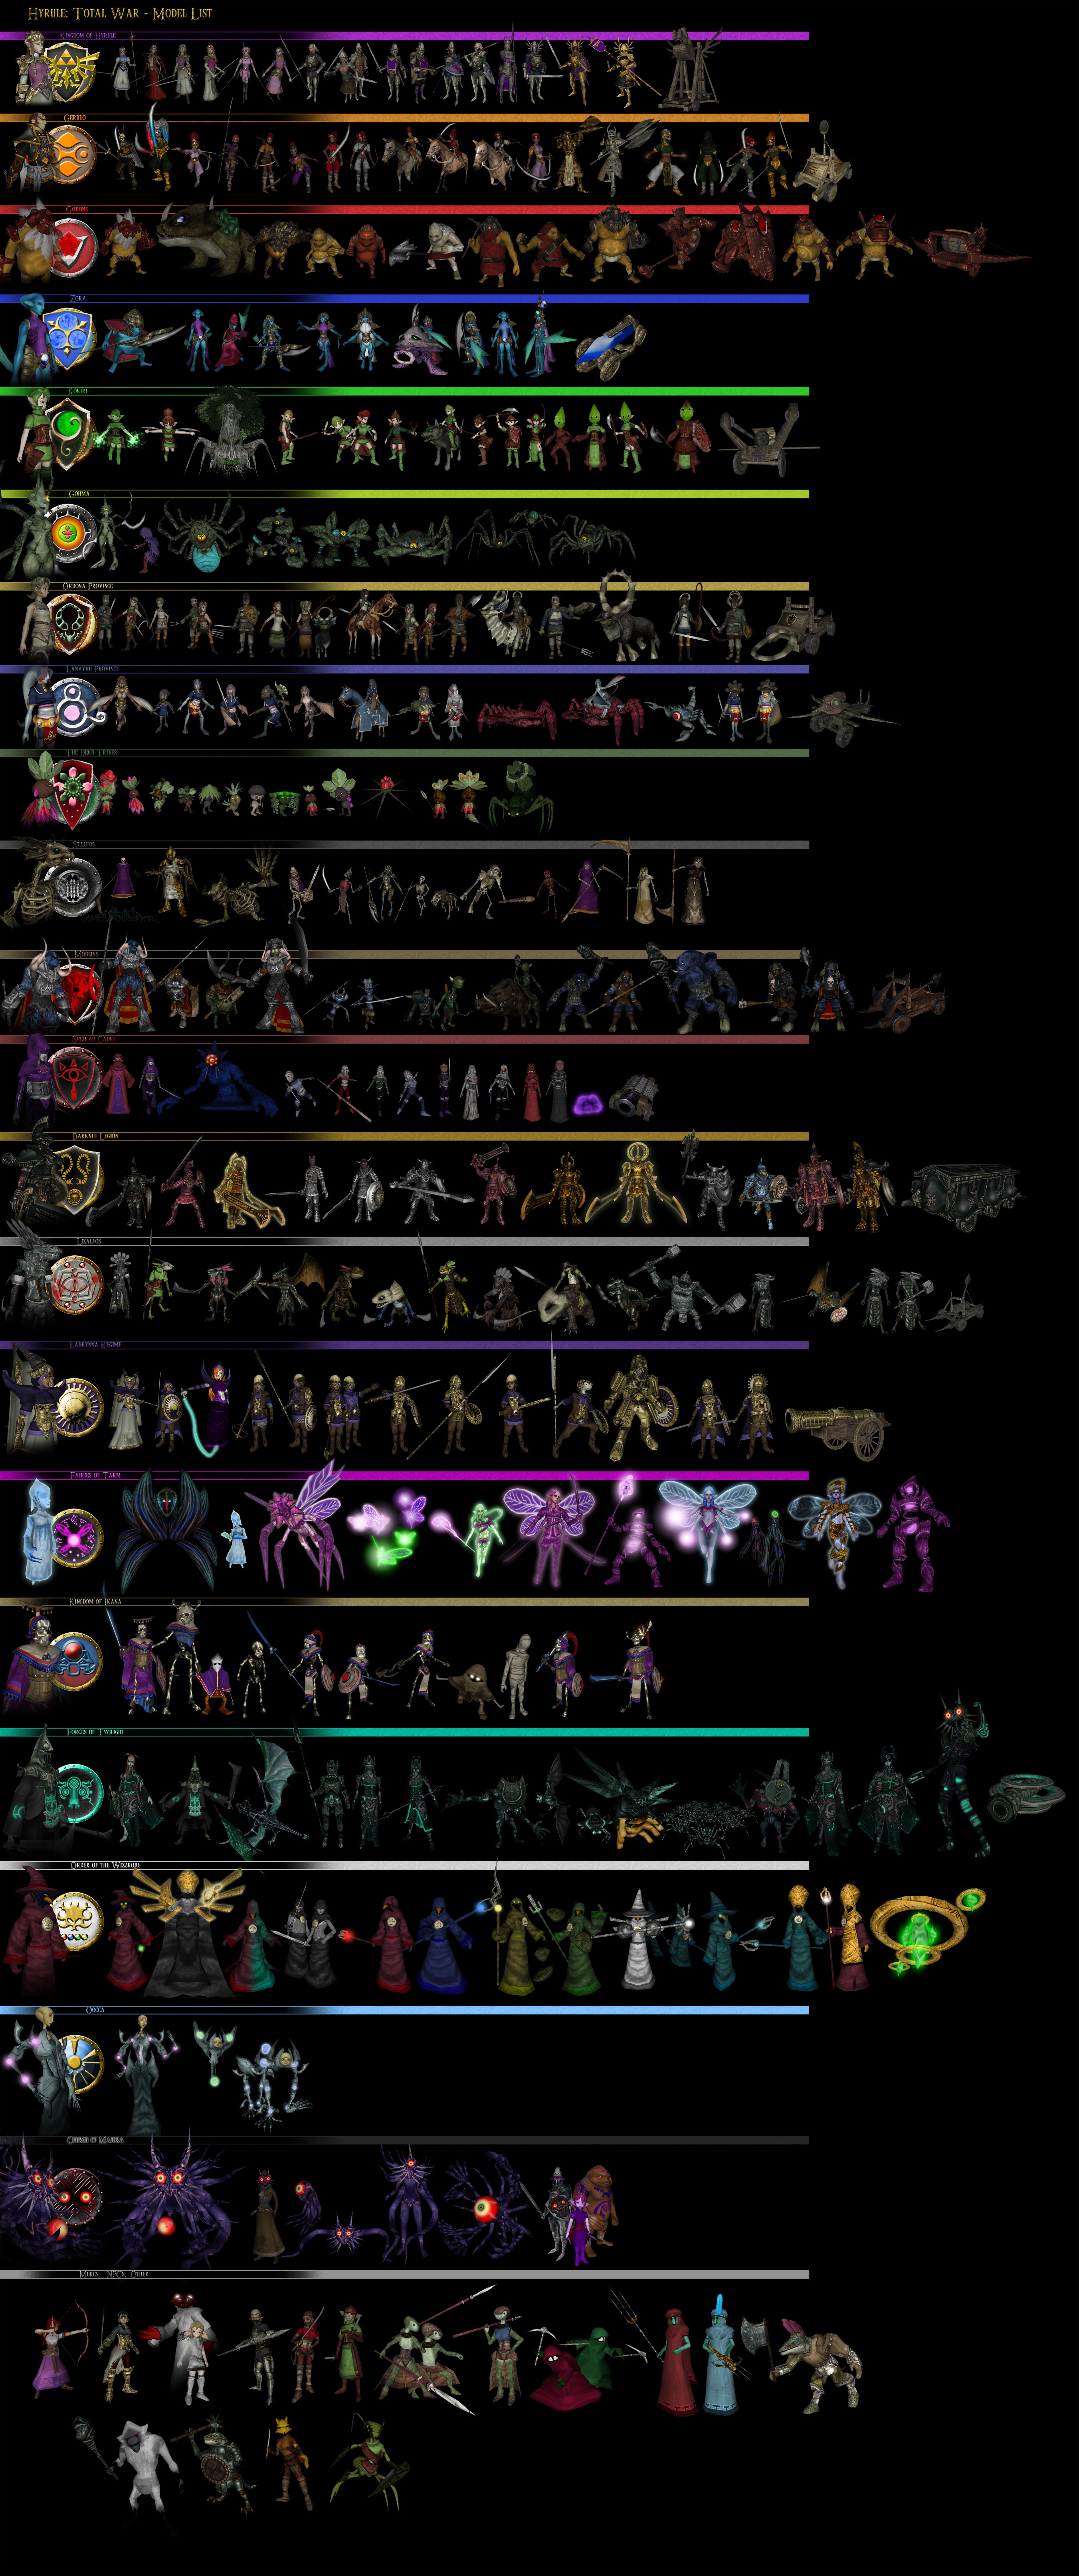 Hyrule: Total War - Model List by UndyingNephalim